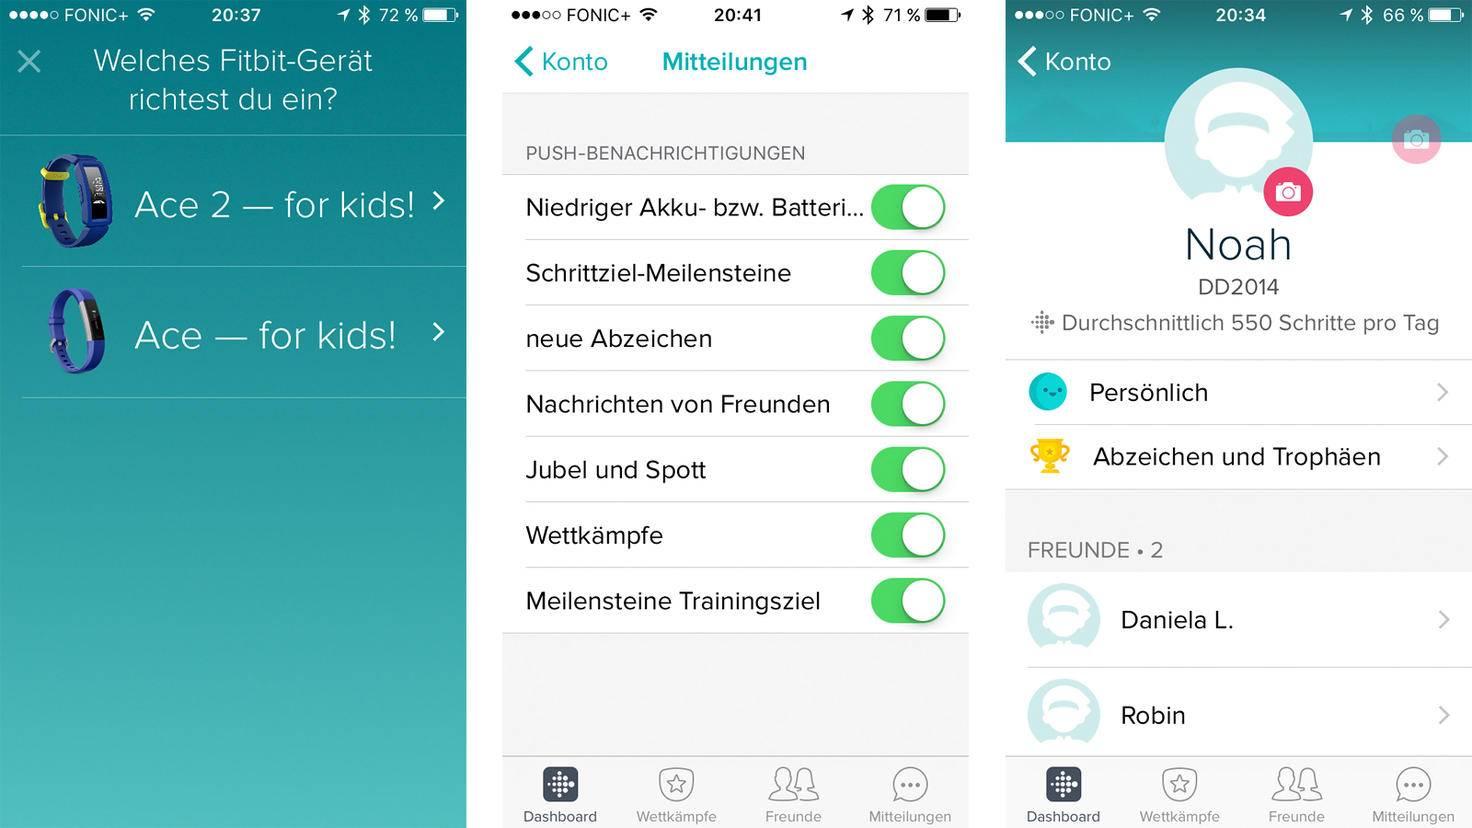 In der Fitbit-App kannst Du auch einstellen, wann Du Mitteilungen erhalten möchtest.